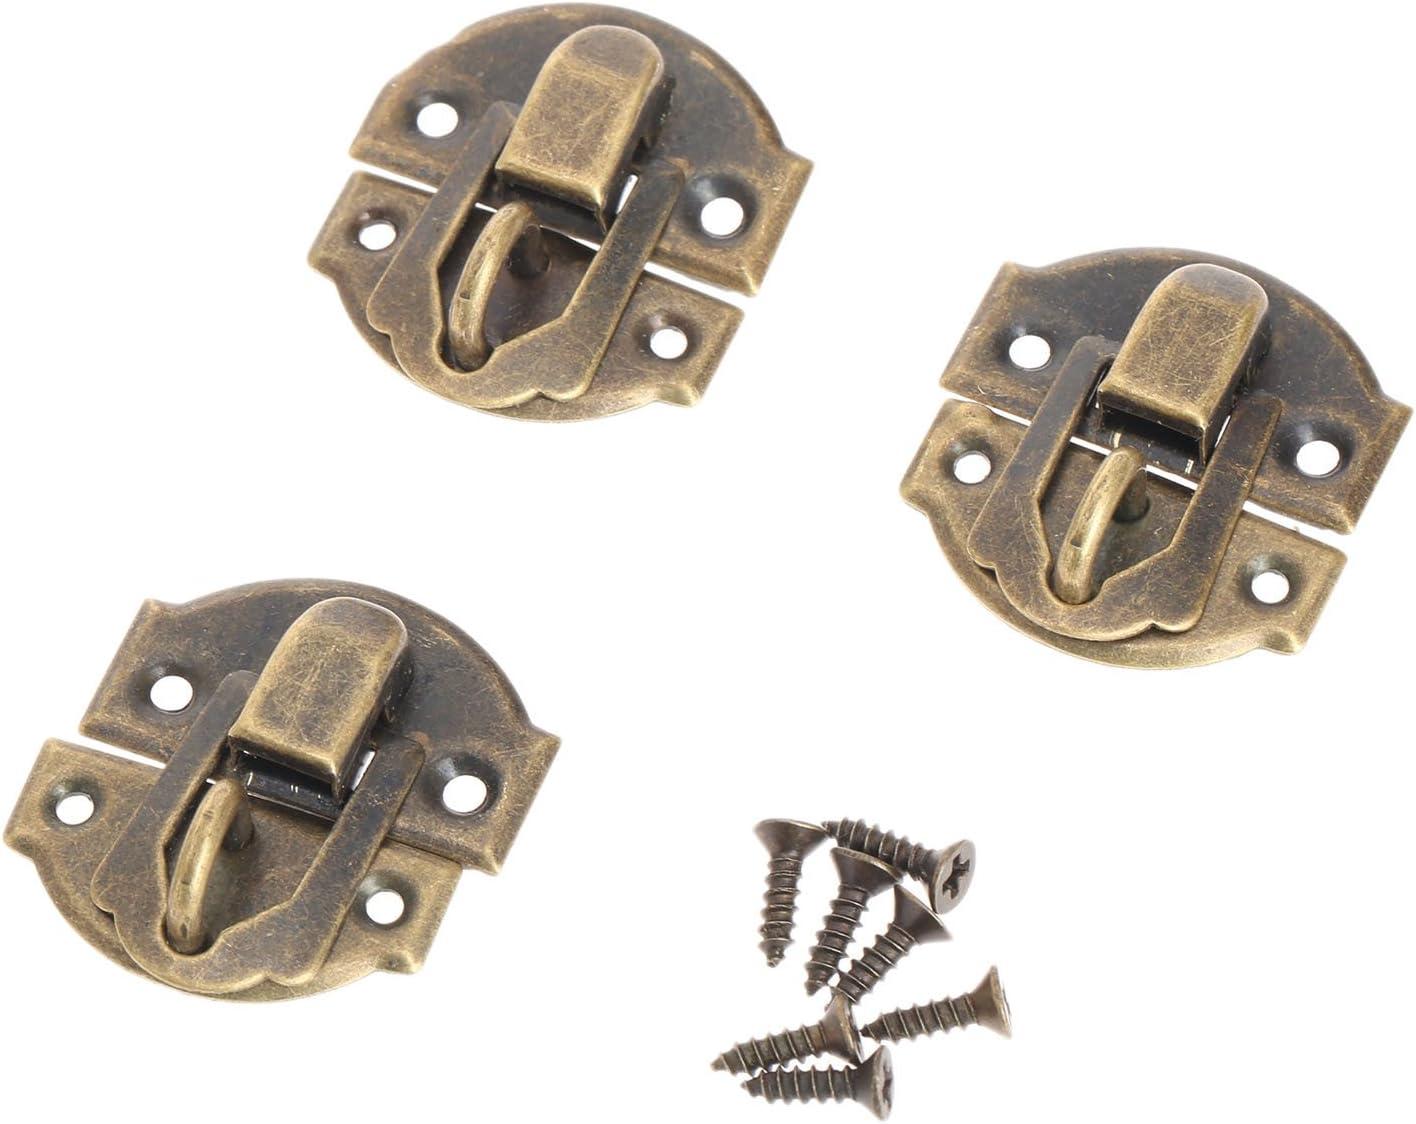 10pi/èces Fermetures vintage Loquet Serrure Fermoir Verrous vintage gaufrage Moraillon de 27 x 29mm pour des des bo/îtes /à bijoux etc.